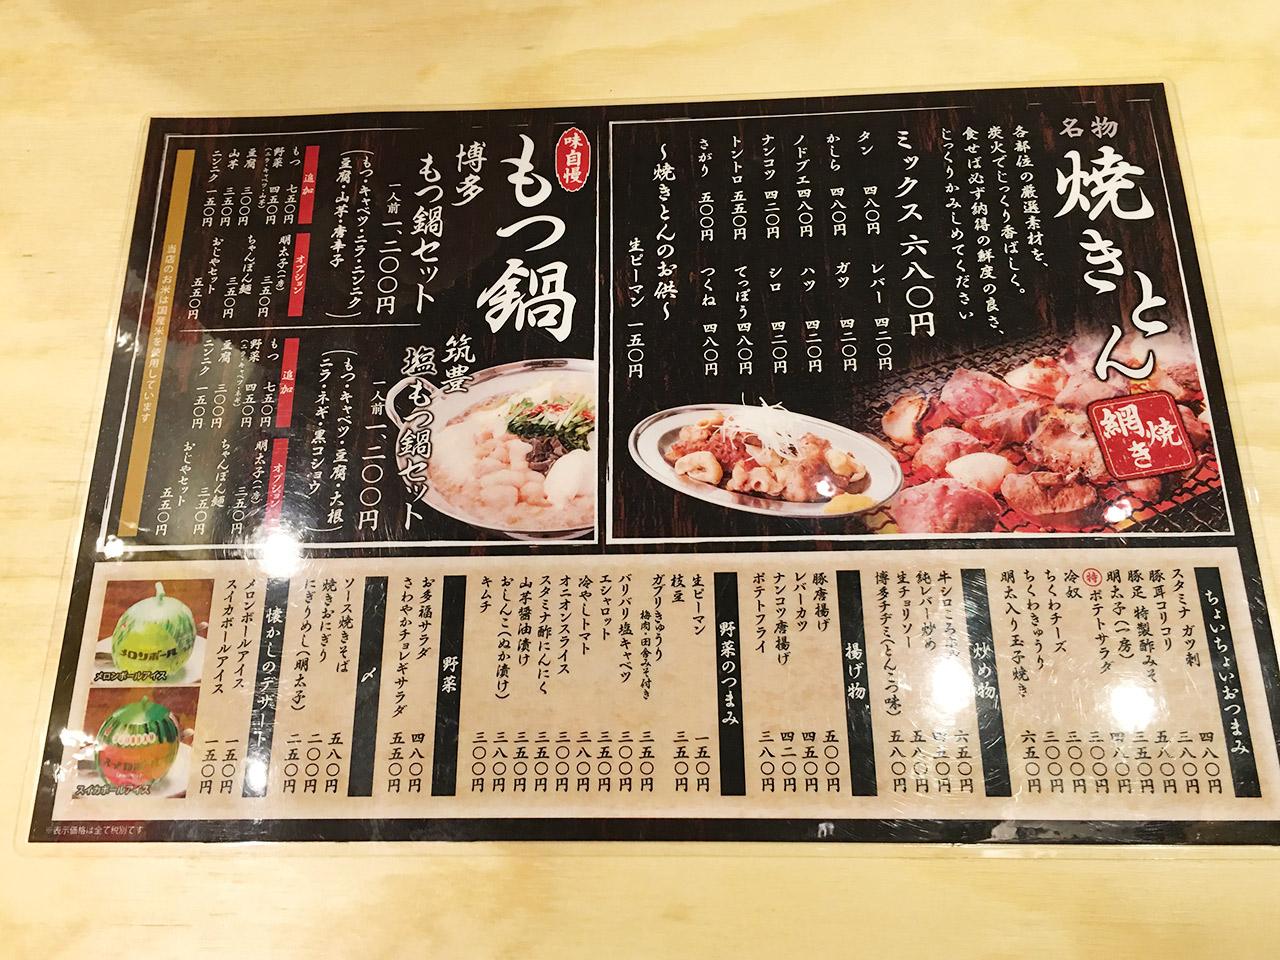 tachikawa-shokuniku-yokocho-otafuku-menu